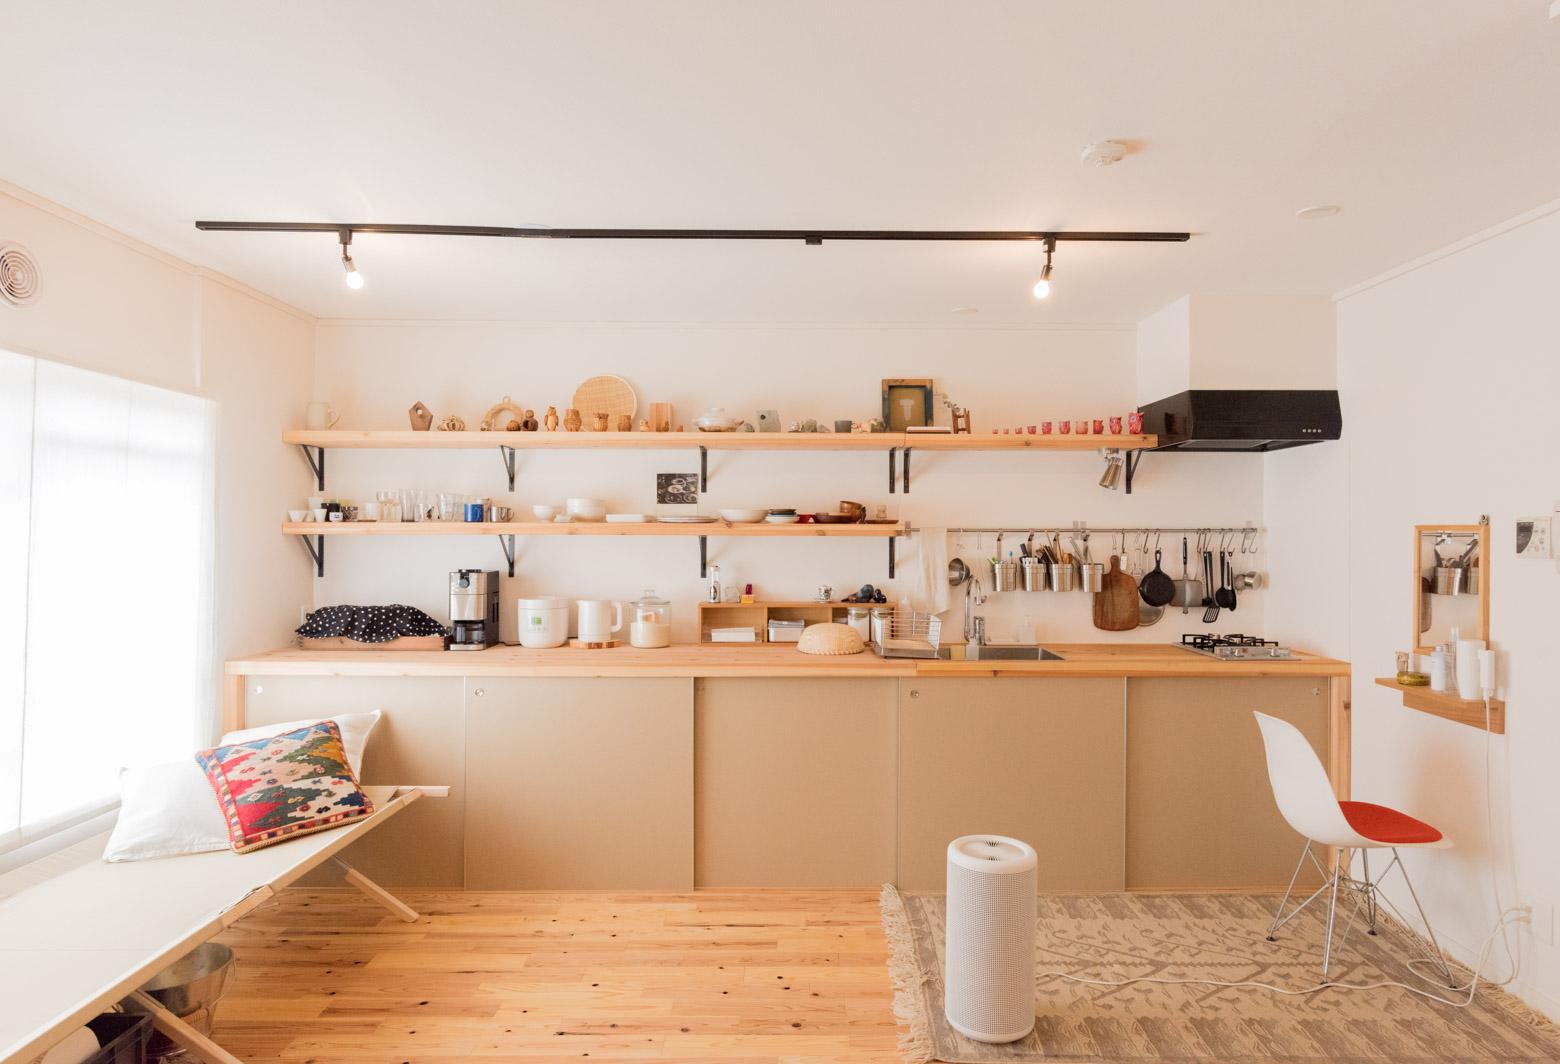 とても長いキッチンというべきか、それとも流し台がそのまま棚につながっているというべきか。とにかくこれすごくいい。うらやましい。うちもこうしたい。ちなみにちゃんとセラミック塗料が施されていて、水回りの仕様でも安心して使えるとのこと。